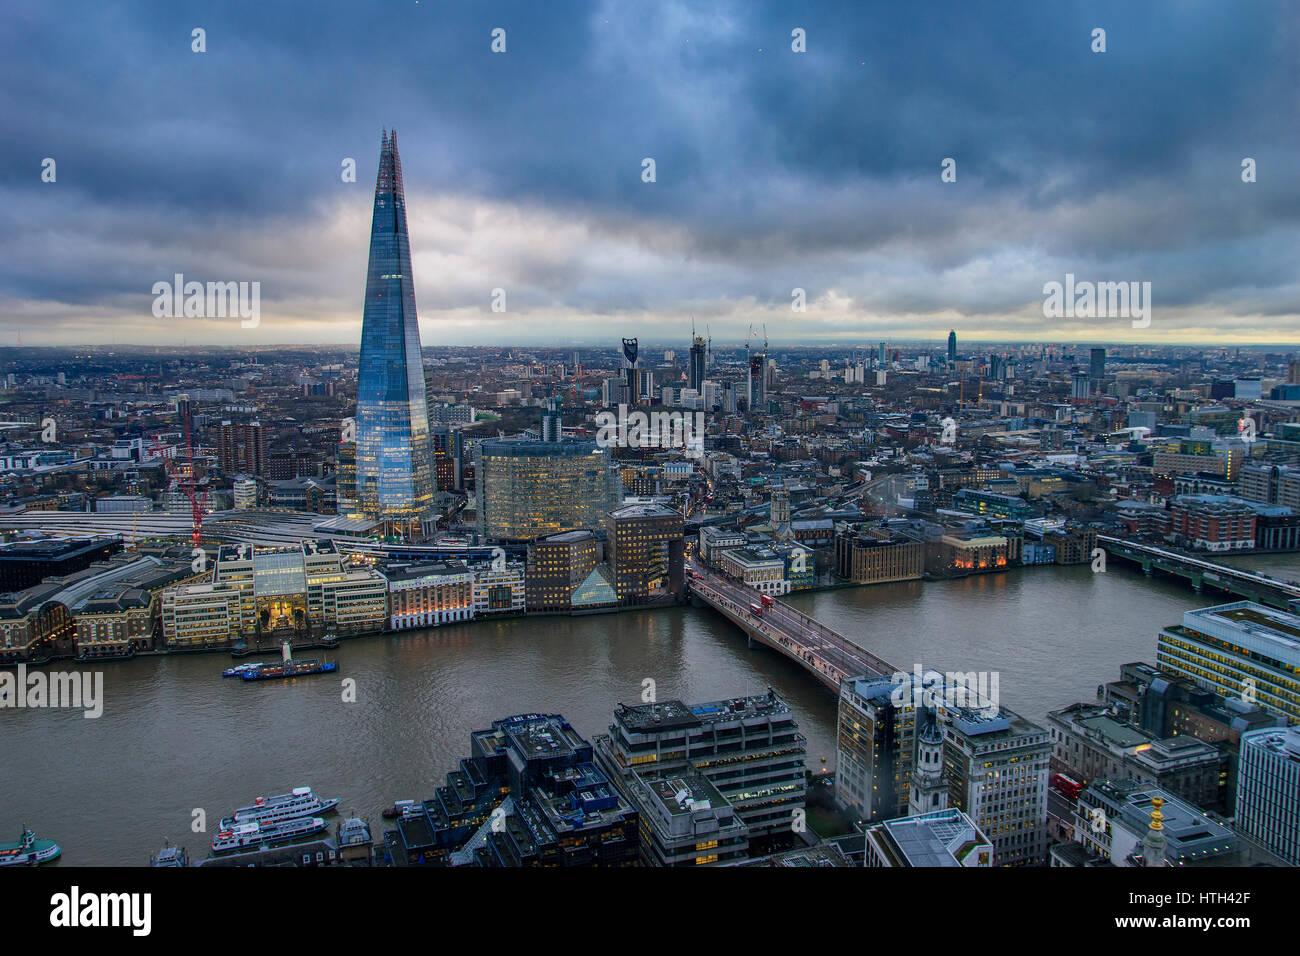 Vue panoramique vue aérienne de Londres avec le fragment urbain et gratte-ciel de la rivière Thames, au Photo Stock